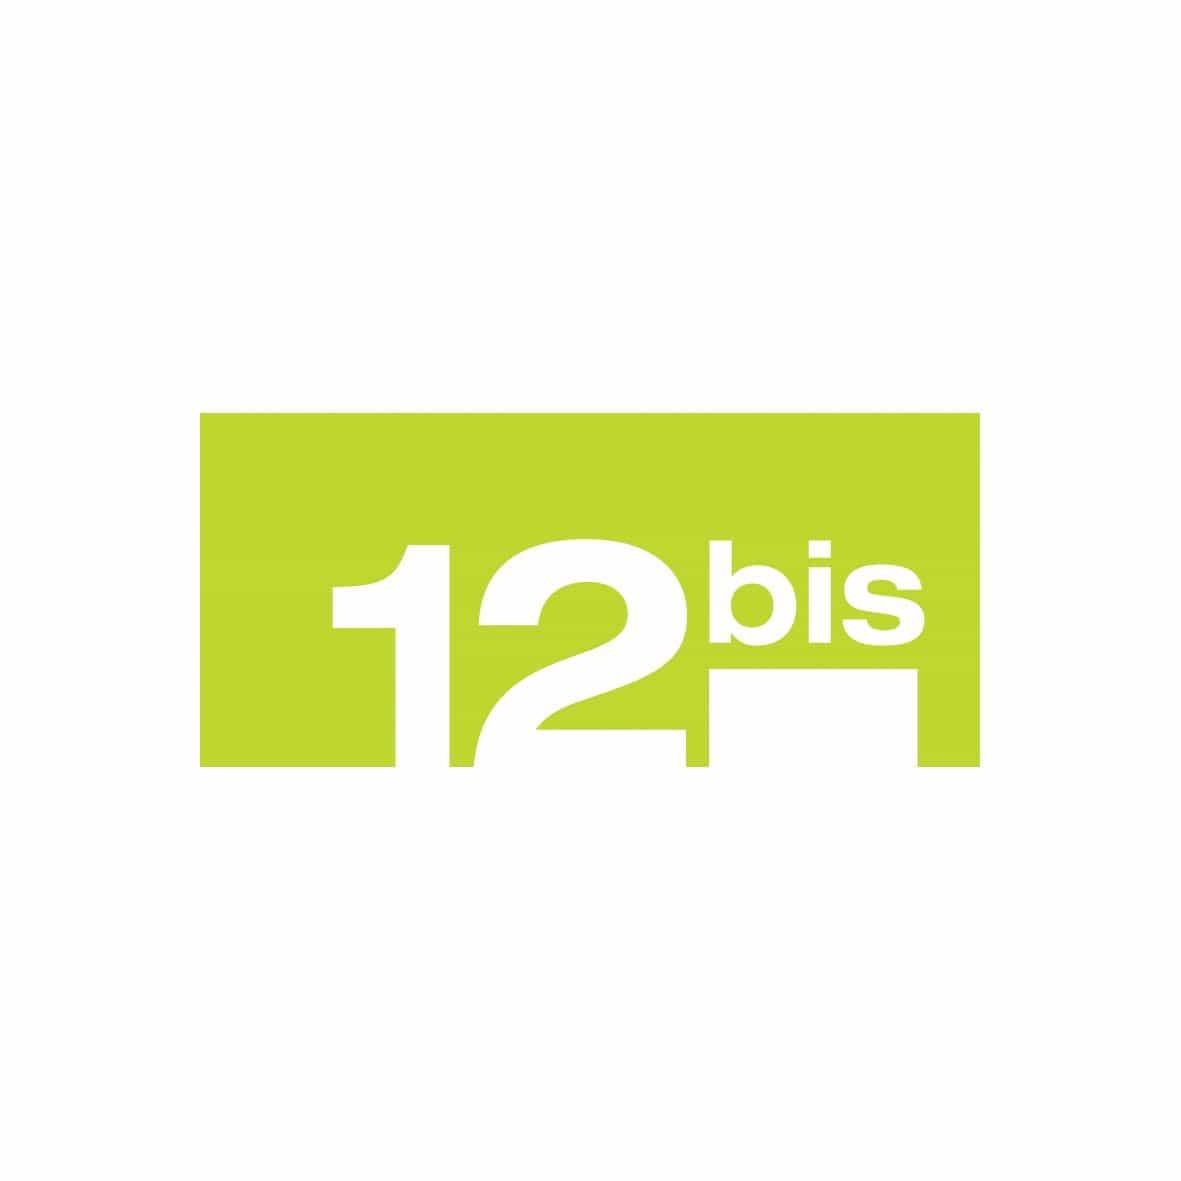 12 bis : une taille pour de l'édition « sur mesure »